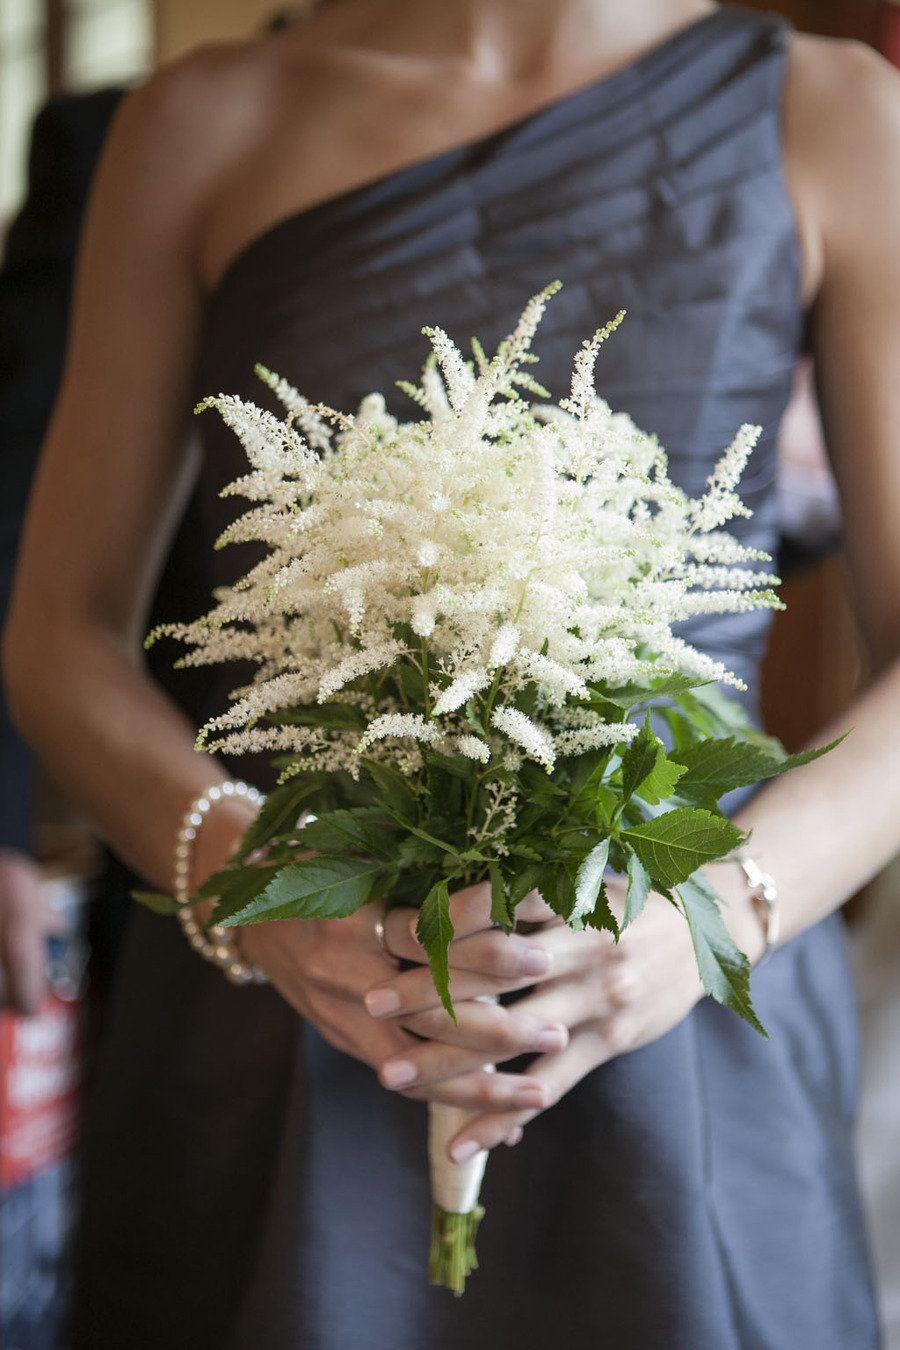 Vermont Wedding from Moss + Isaac #astilbebouquet